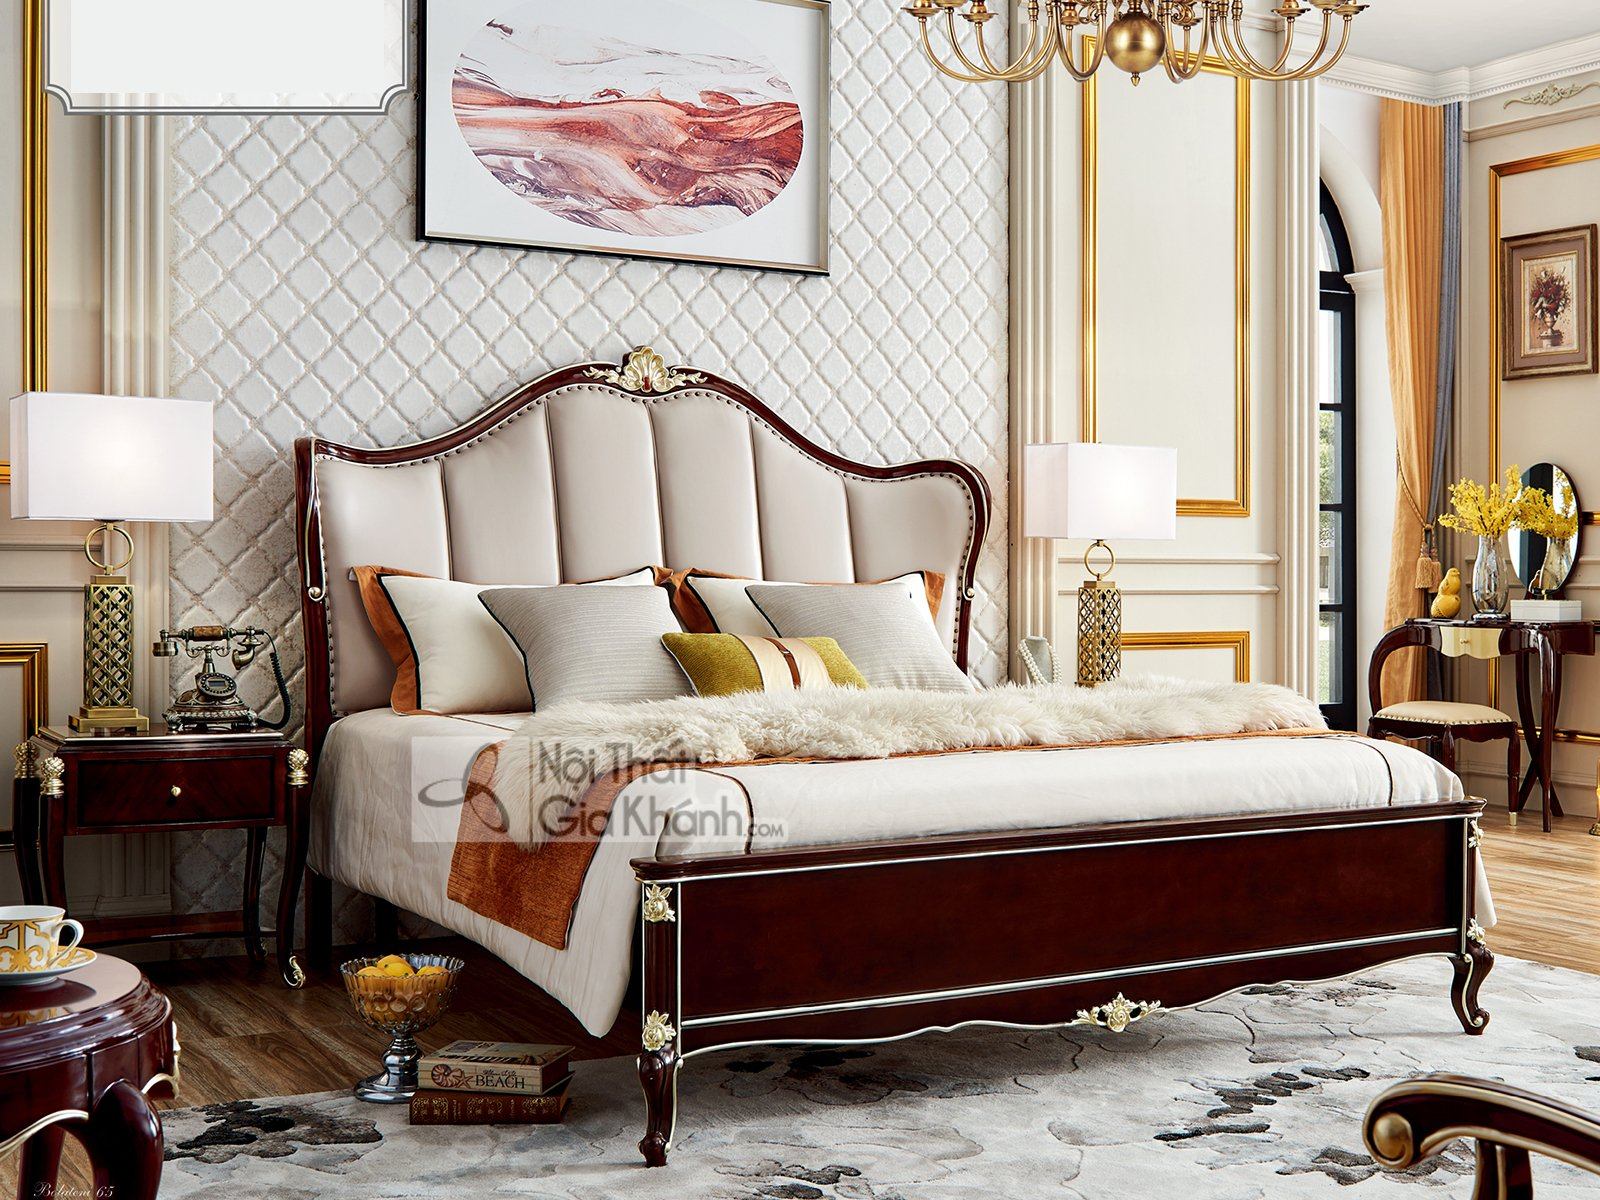 Giường ngủ tân cổ điển đơn giản sang trọng GI301-18